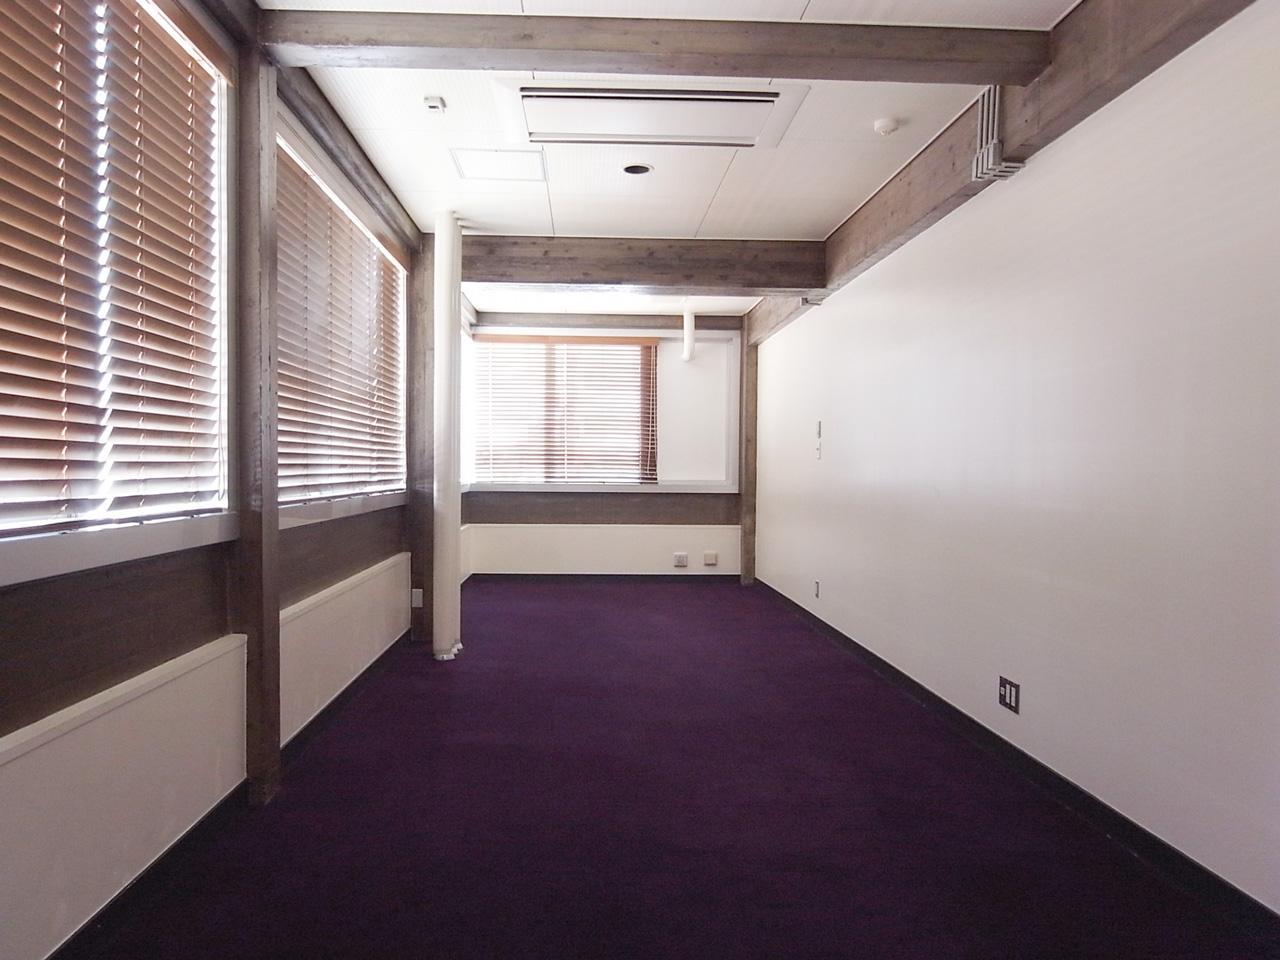 こちらも紫のカーペット